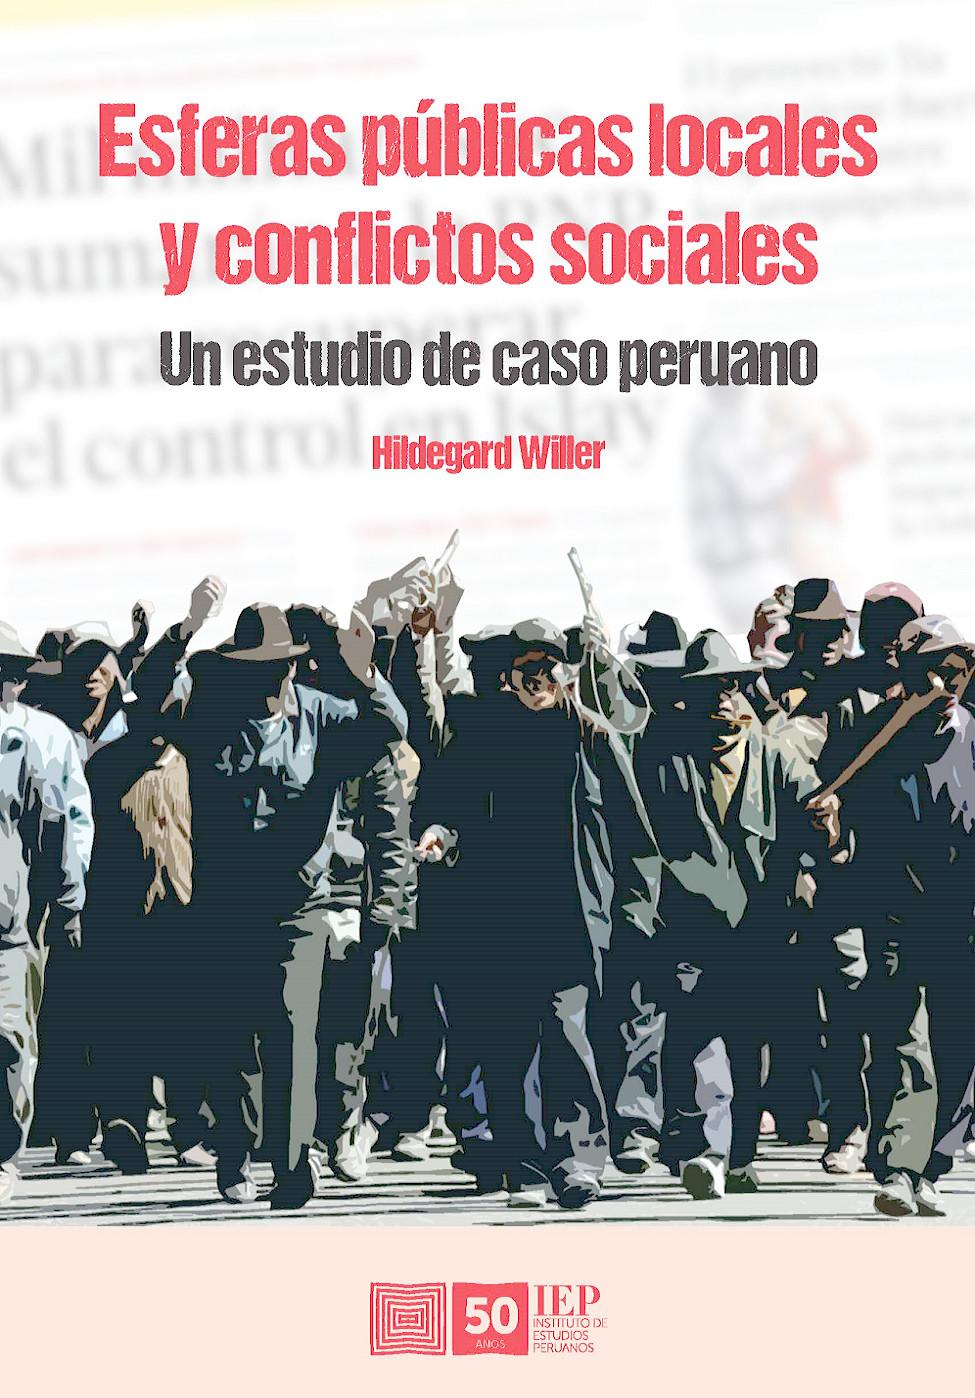 Esferas públicas locales y conflictos sociales